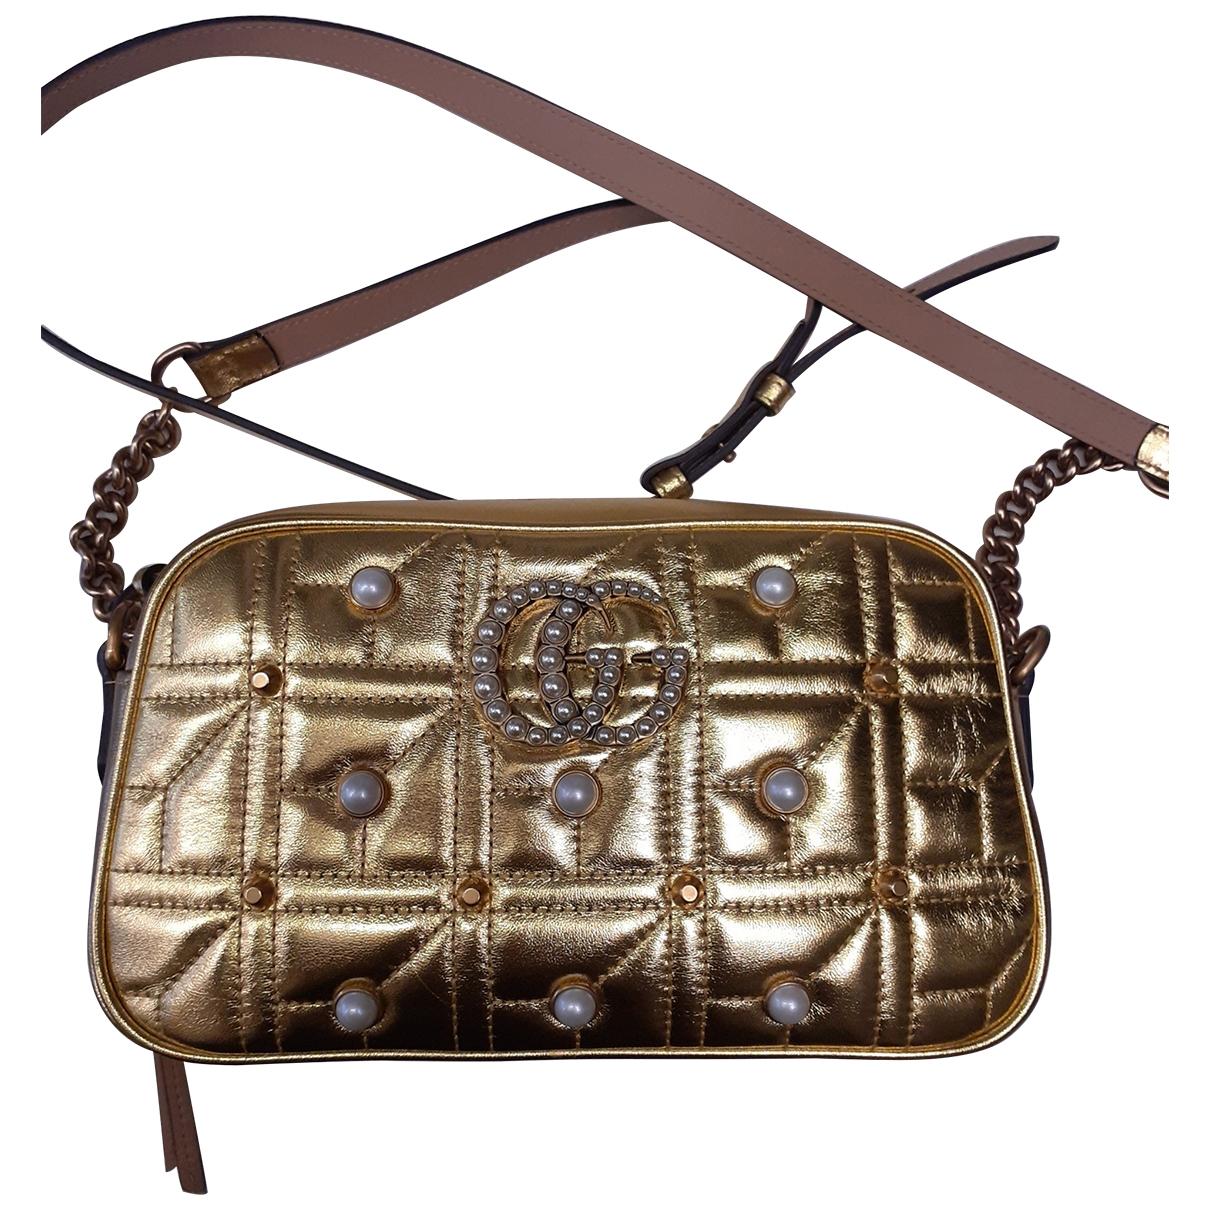 Gucci - Sac a main Marmont pour femme en cuir - dore